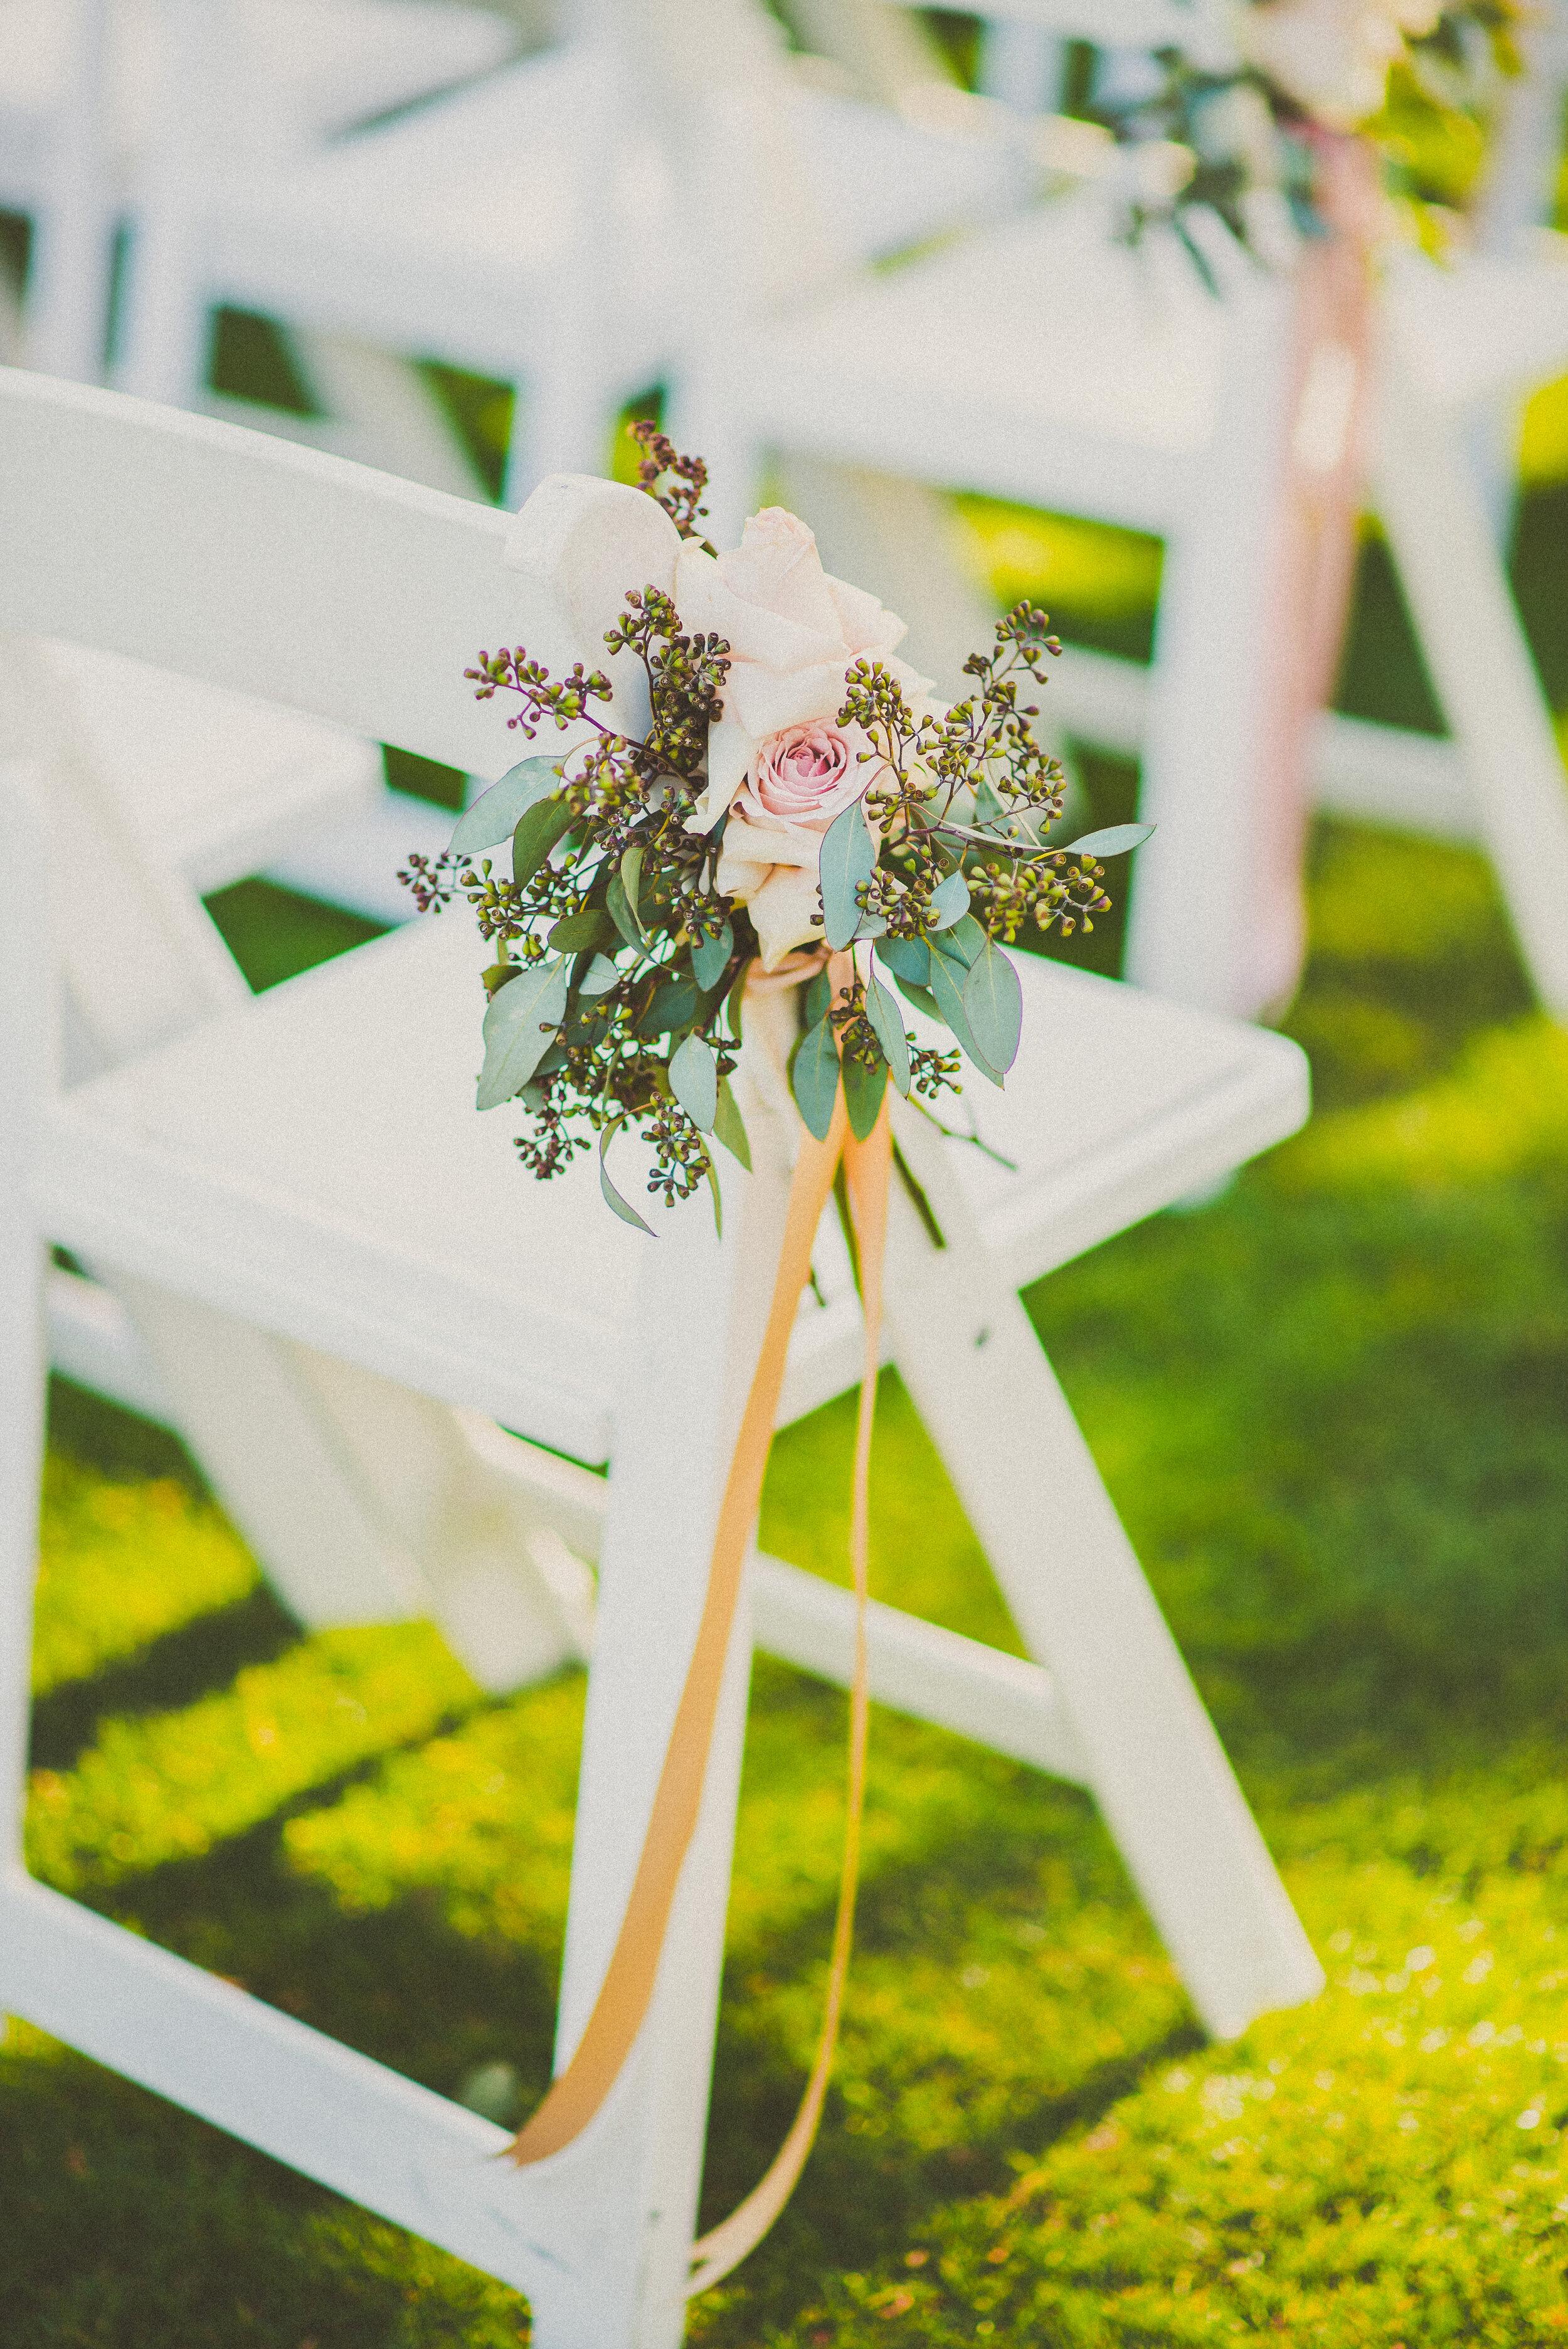 Demiglio Wedding - Ceremony-11.jpg